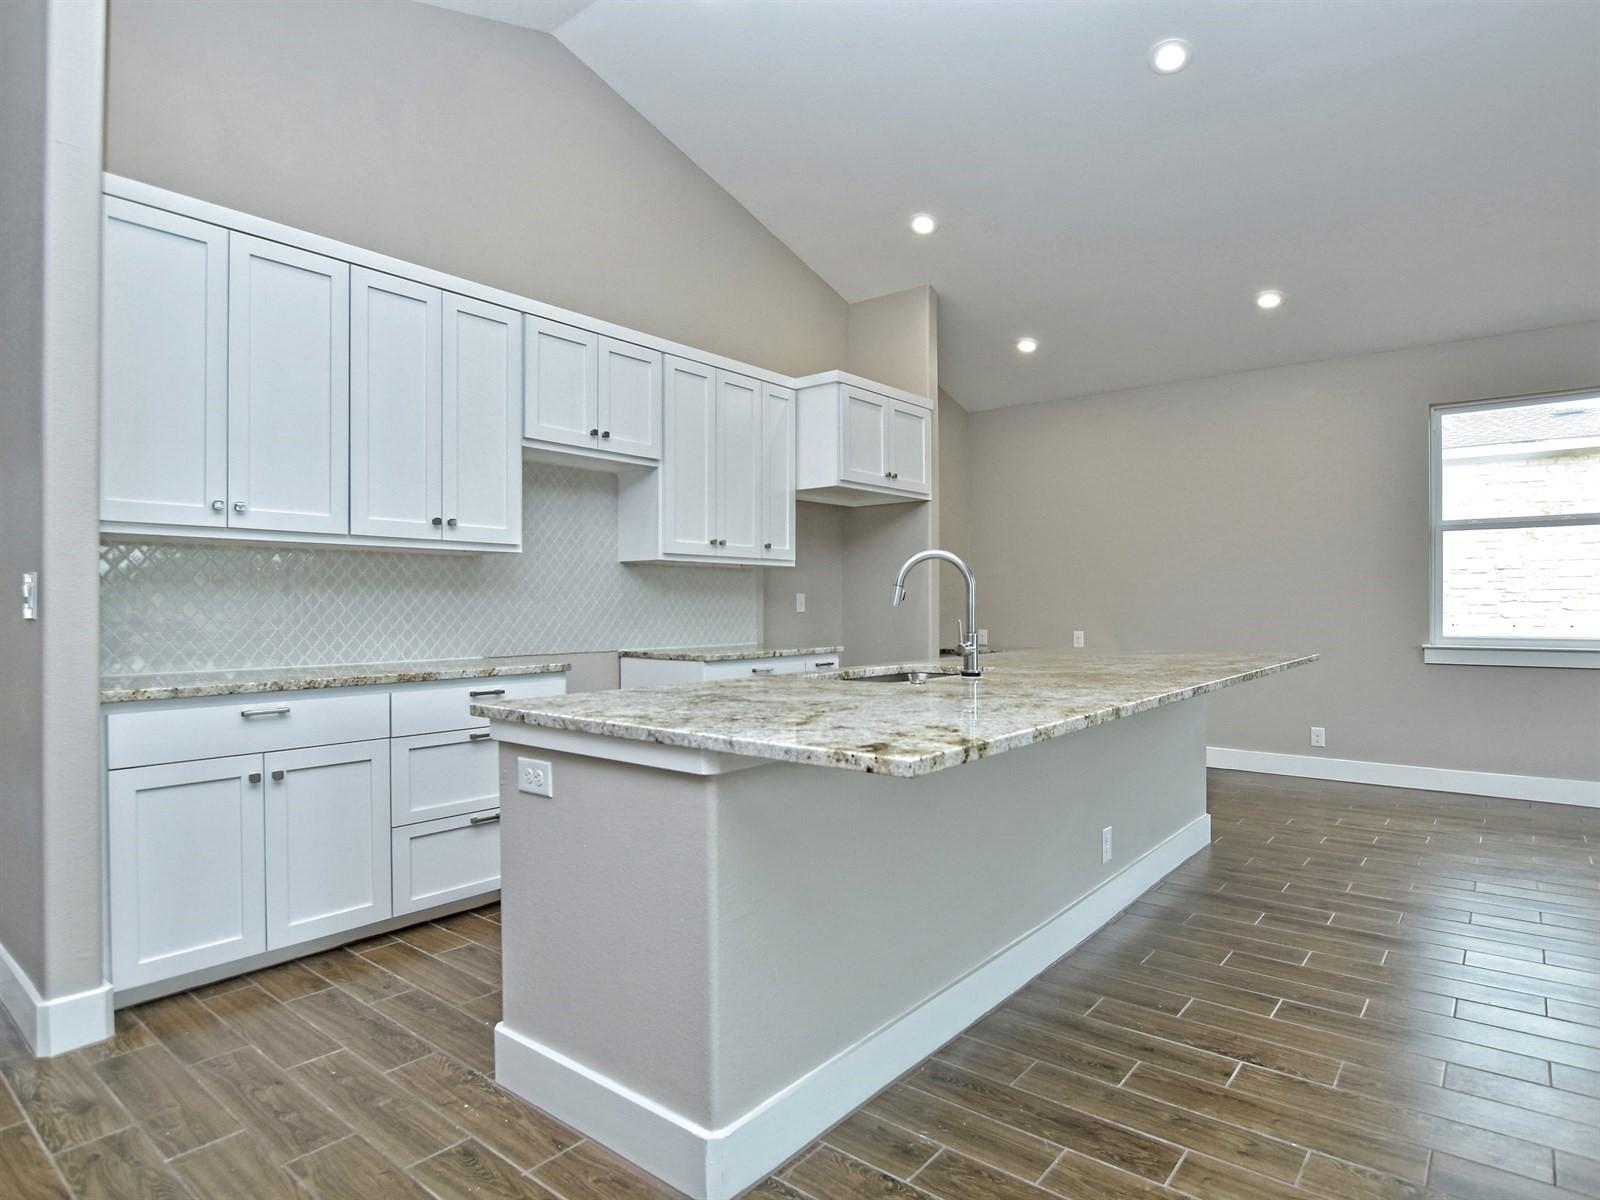 012_Kitchen 4.jpg